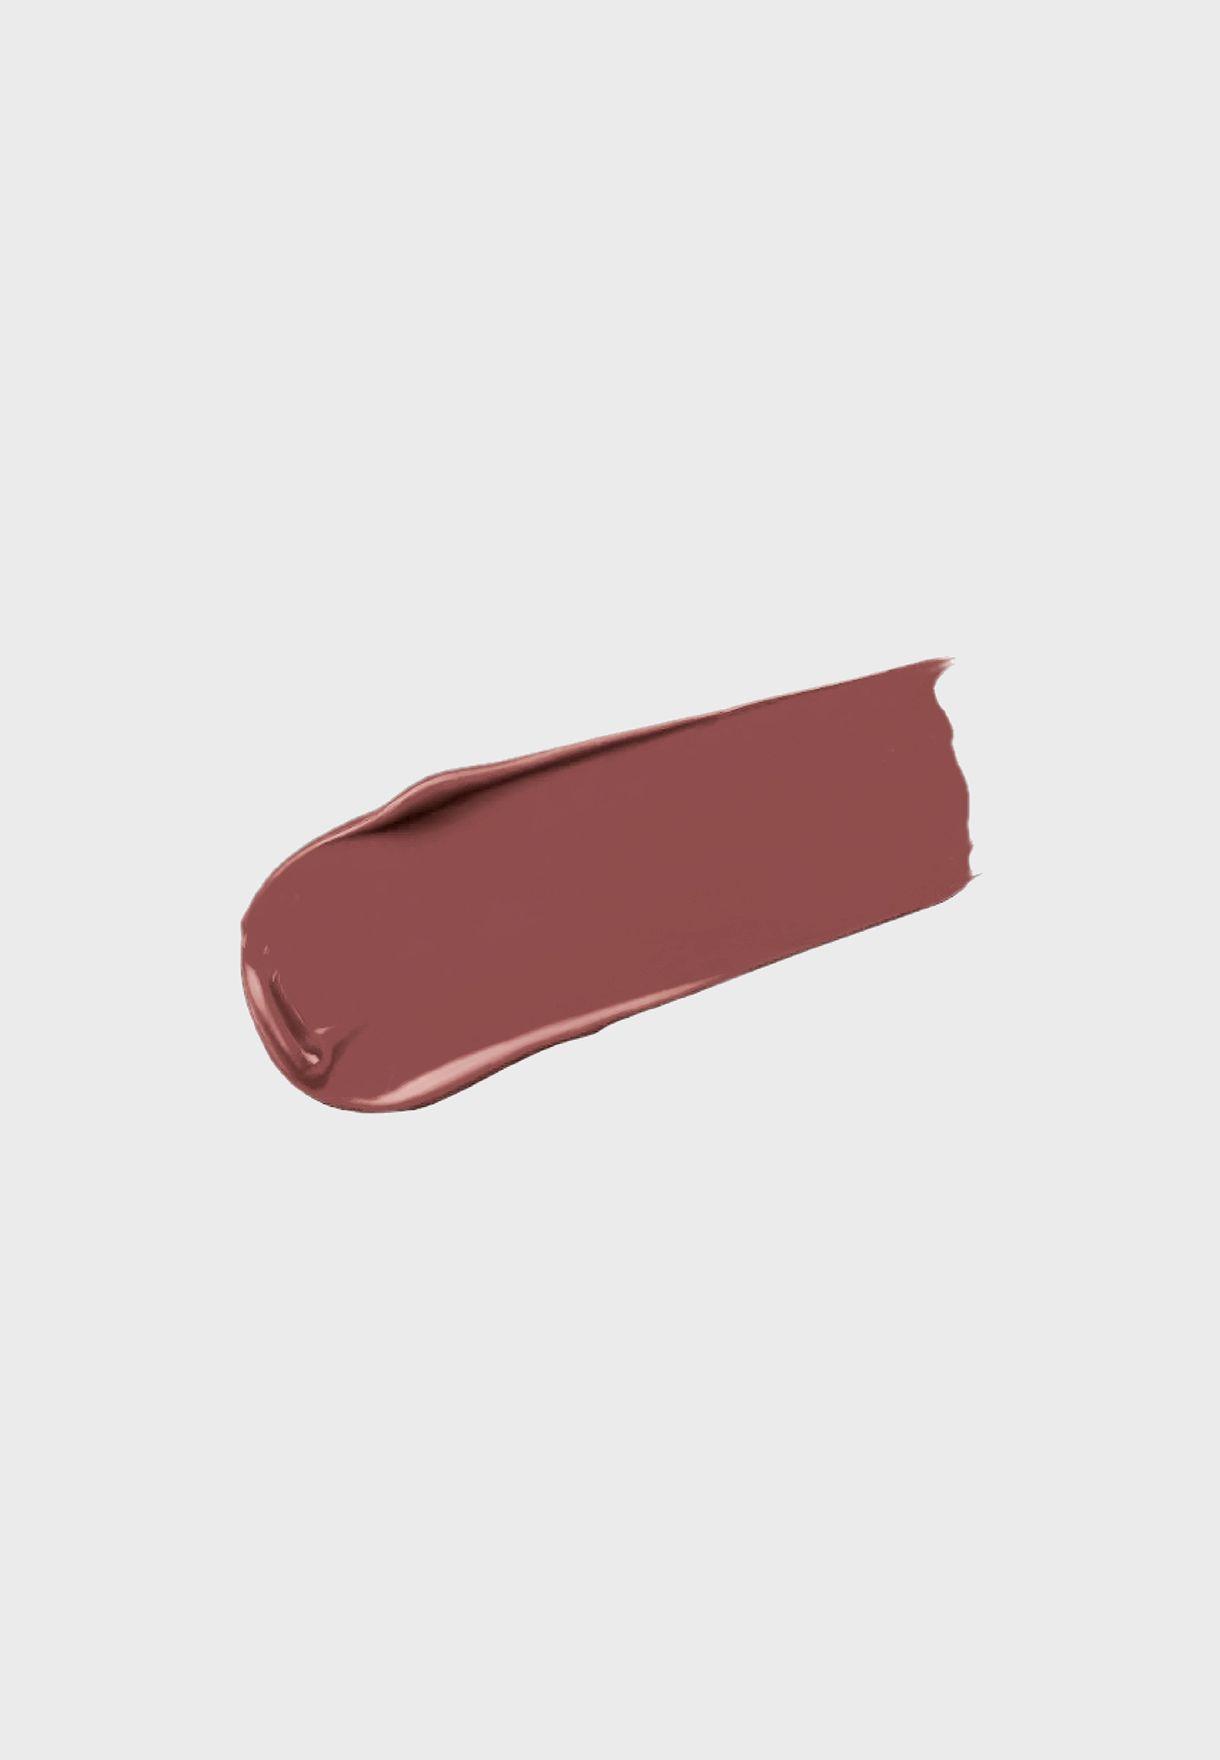 احمر شفاه ارتيست سائل مطفي - 110 فيرونيكا